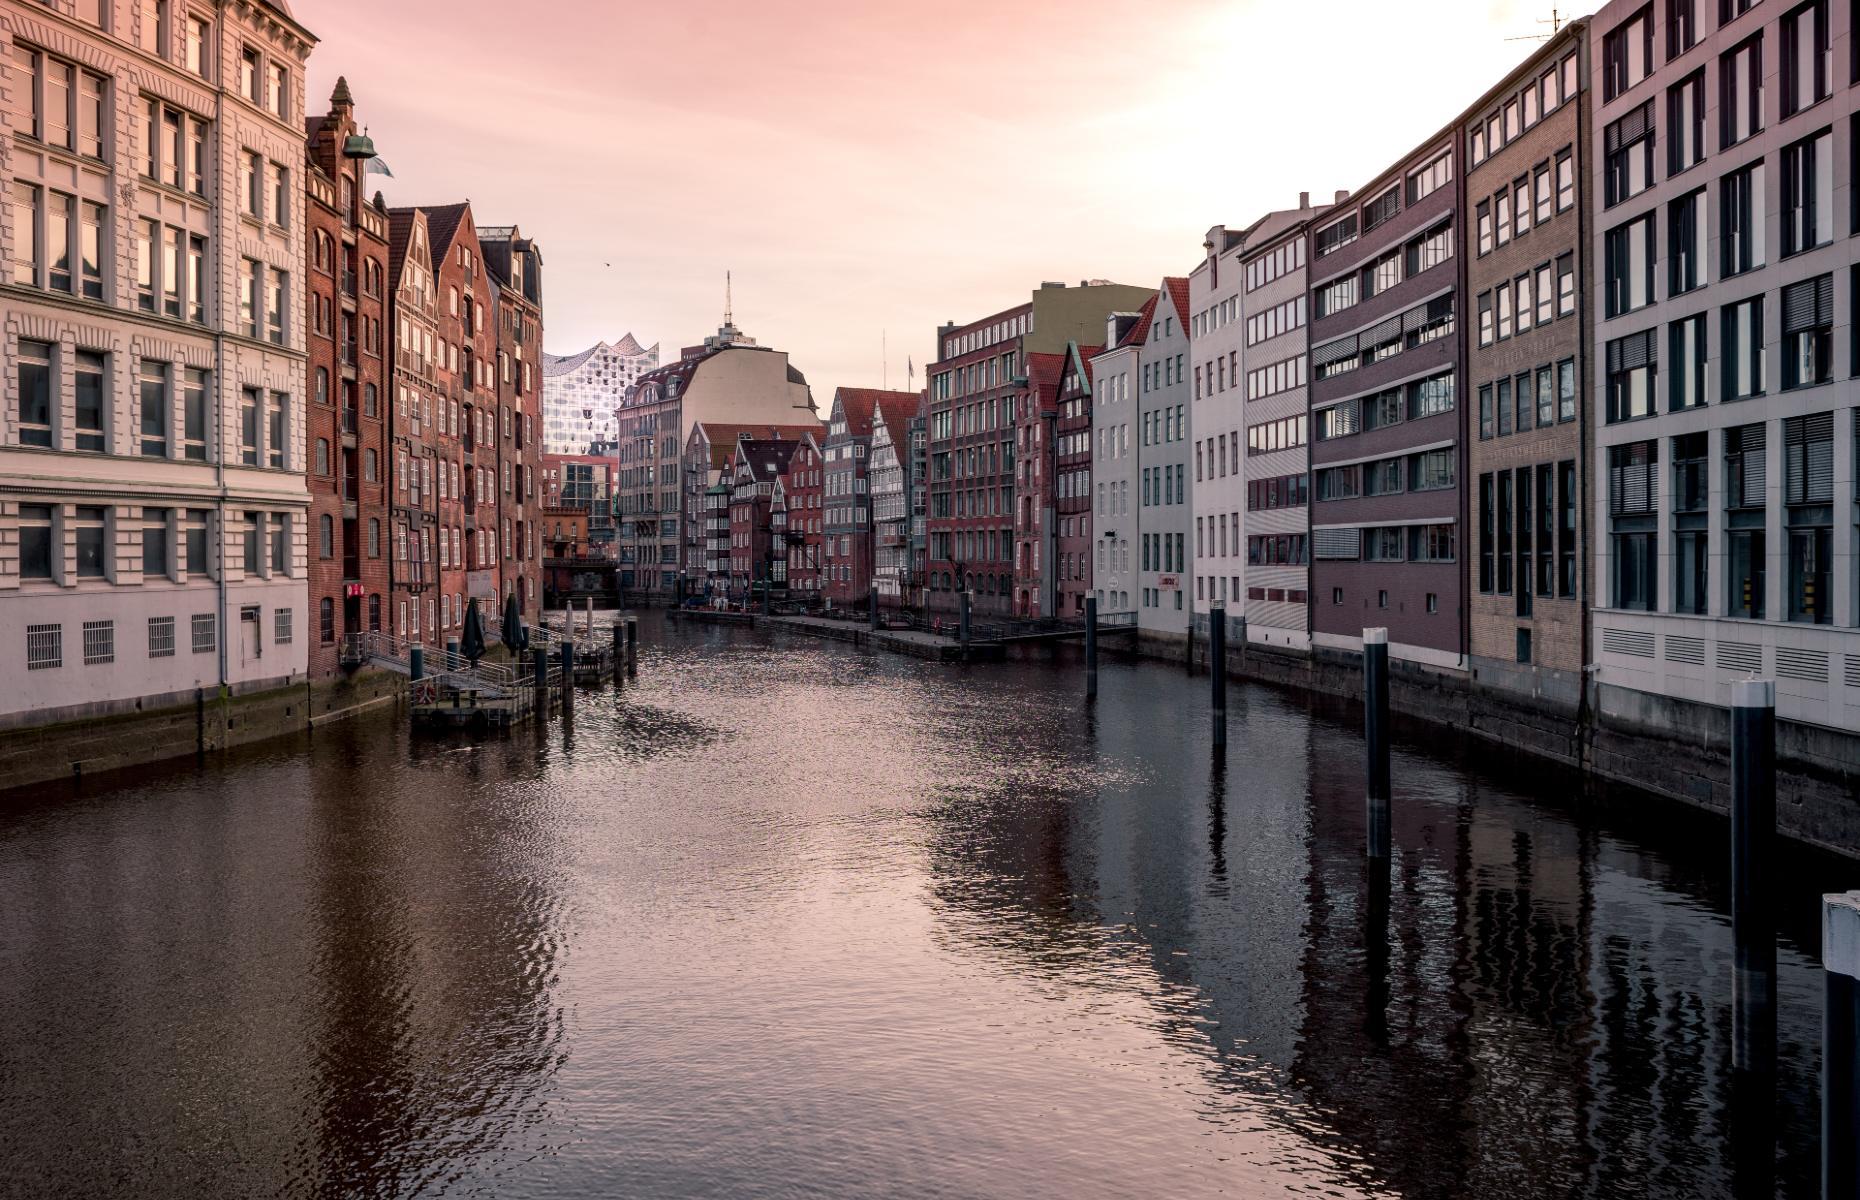 Speicherstadt, Hamburg. Germany (Credit: Adrian Degner/Unsplash)